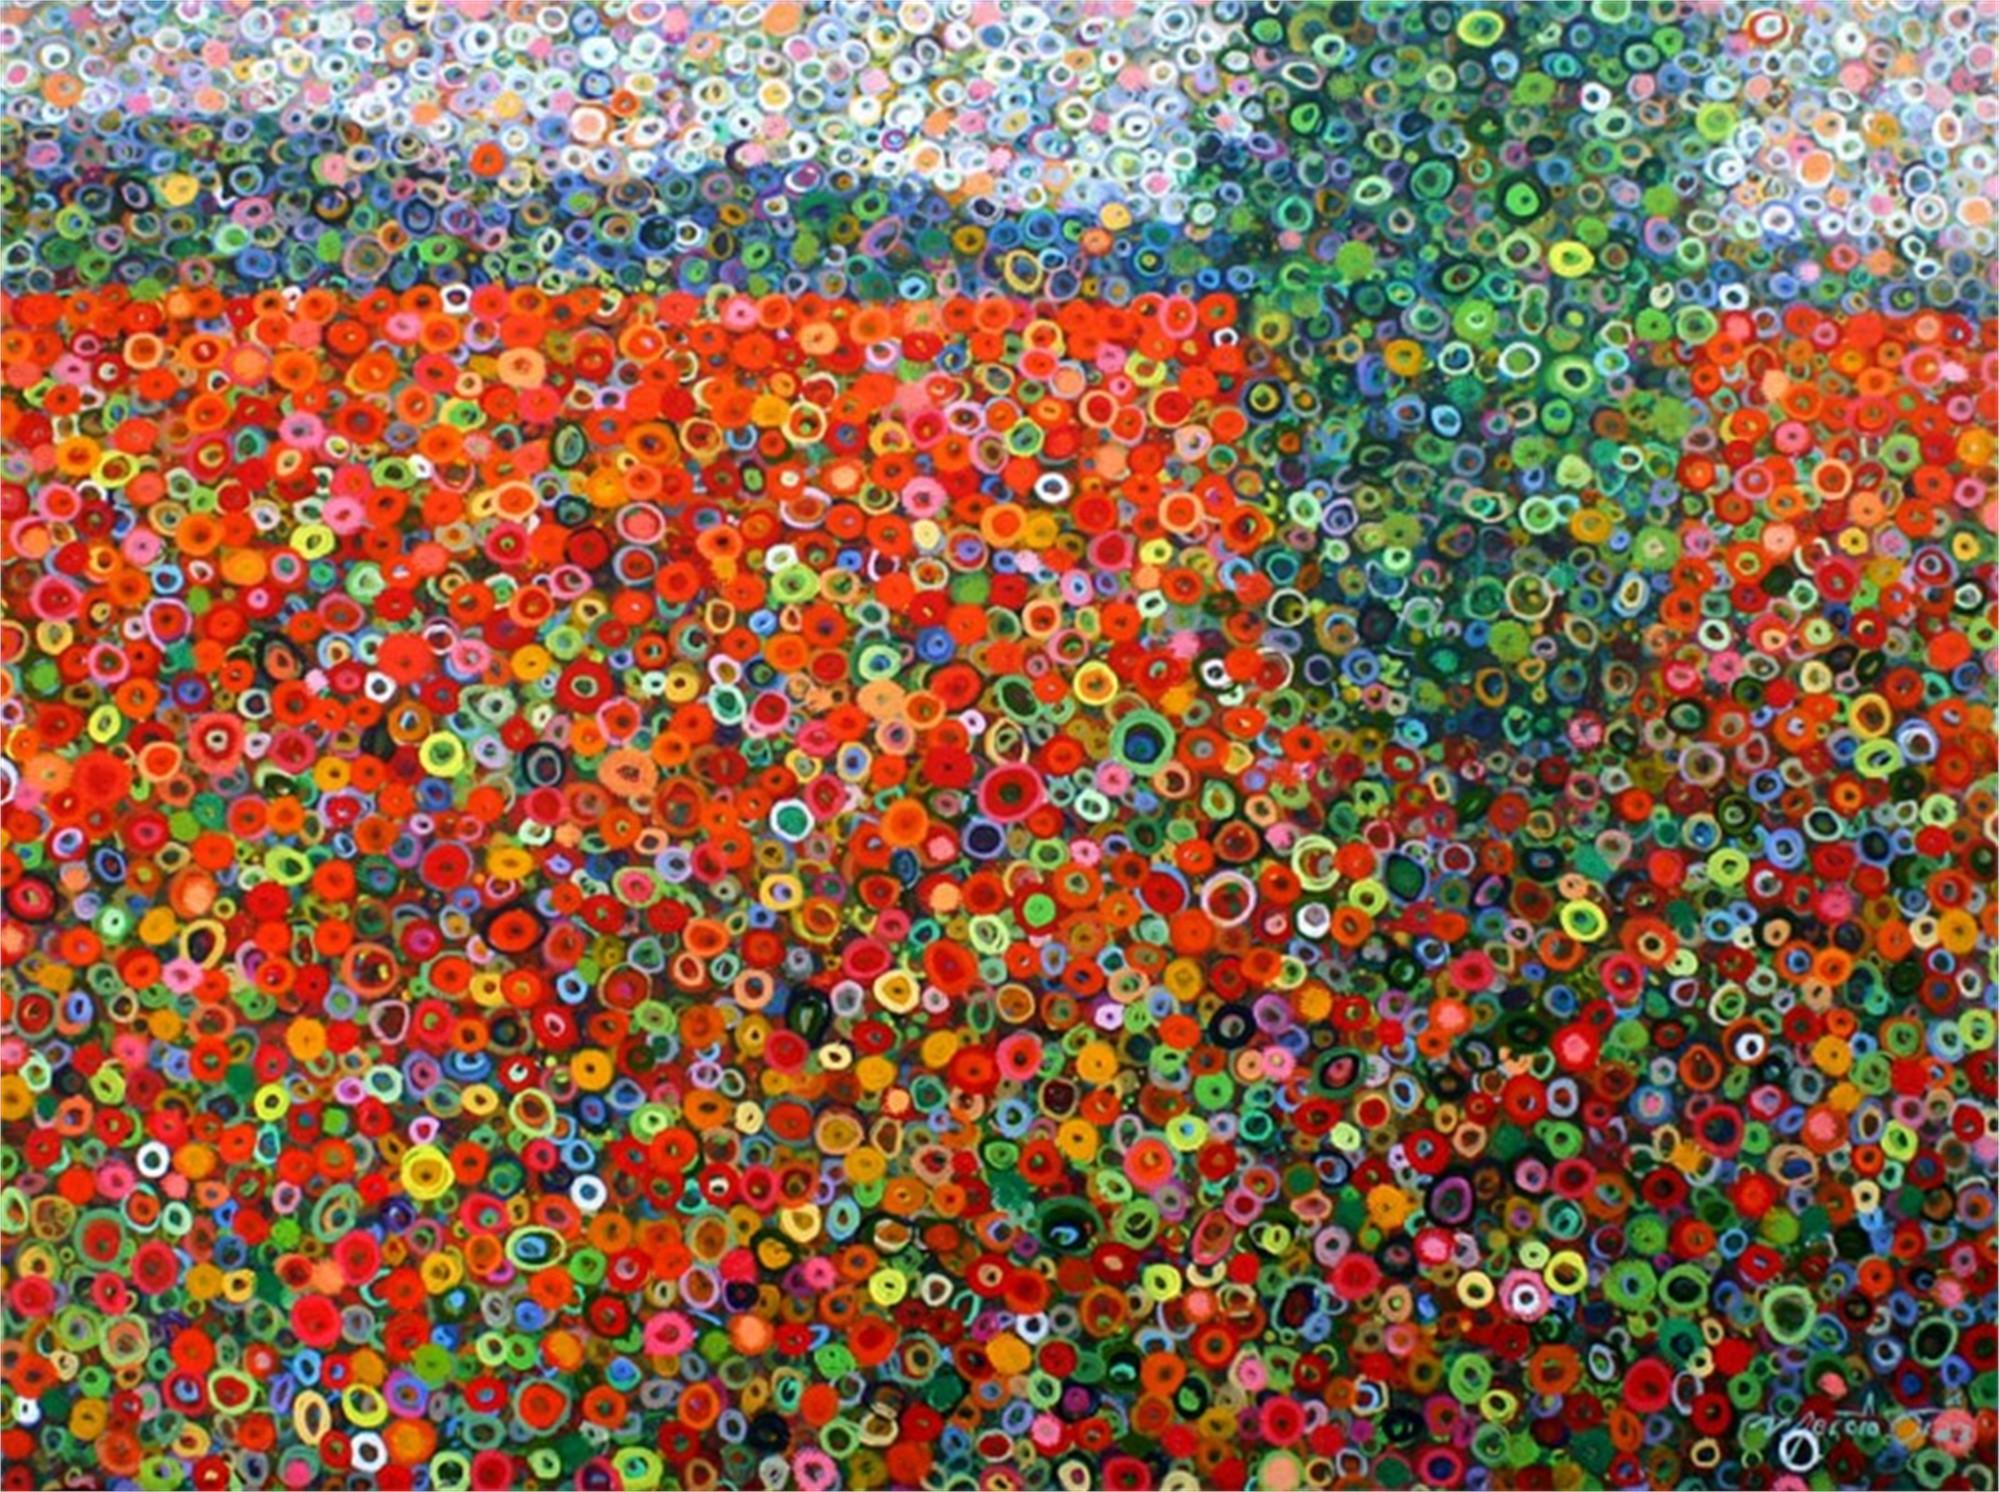 Spring Is in the Air II by Marcio Diaz